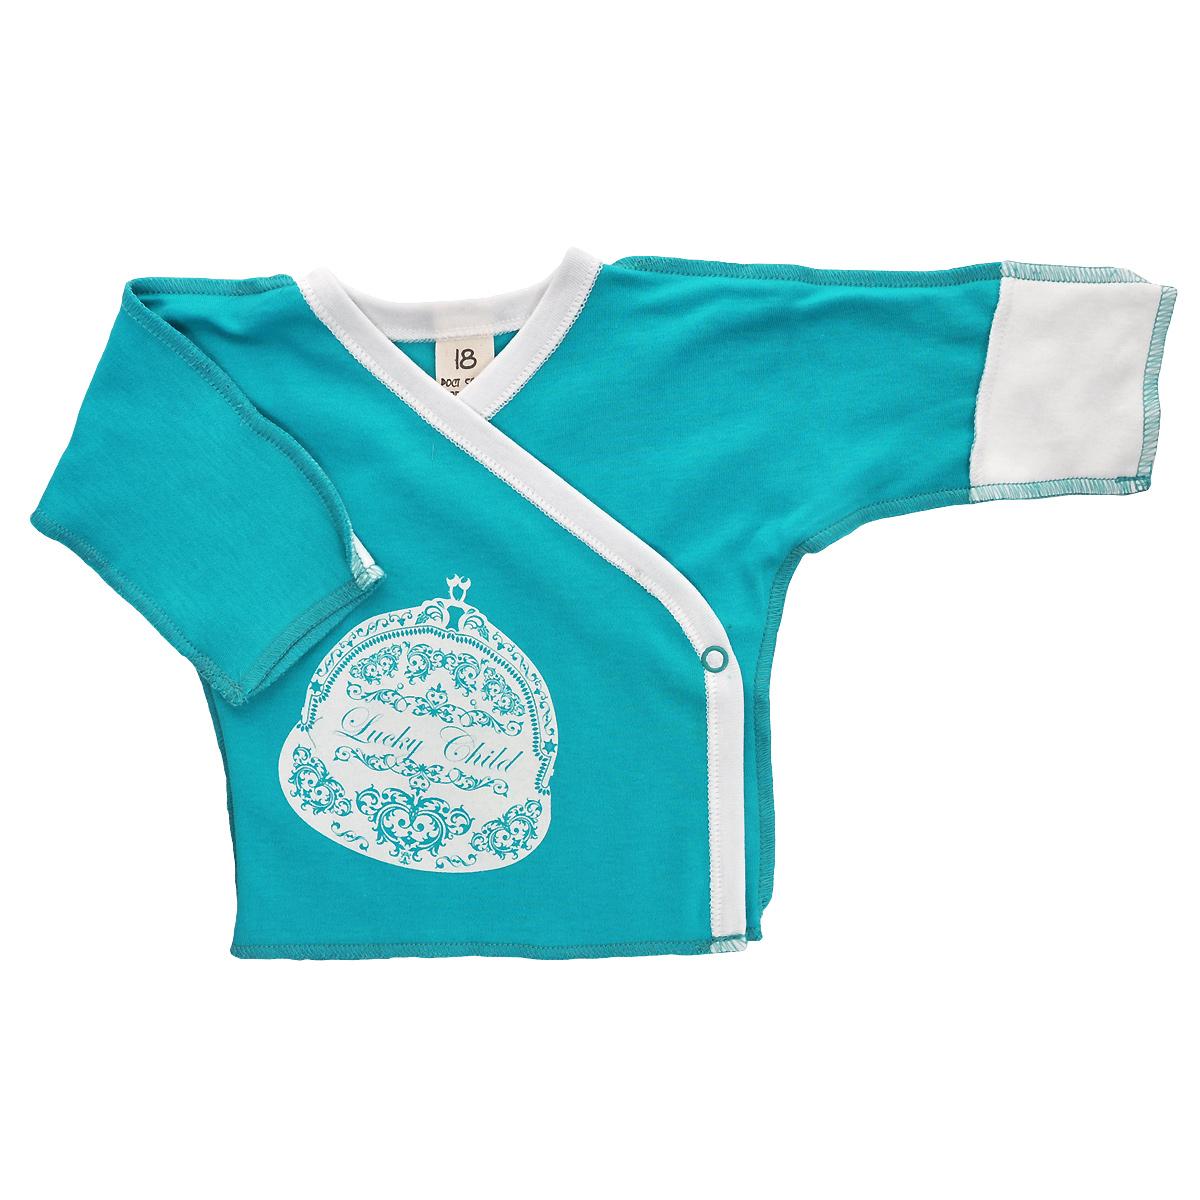 Распашонка14-7Распашонка для новорожденного Lucky Child Ретро с длинными рукавами послужит идеальным дополнением к гардеробу вашего малыша, обеспечивая ему наибольший комфорт. Распашонка изготовлена из натурального хлопка, благодаря чему она необычайно мягкая и легкая, не раздражает нежную кожу ребенка и хорошо вентилируется, а эластичные швы приятны телу малыша и не препятствуют его движениям. Распашонка-кимоно для новорожденного, оформленная принтом в ретро-стиле, выполнена швами наружу. Благодаря системе застежек-кнопок по принципу кимоно модель можно полностью расстегнуть. А благодаря рукавичкам ребенок не поцарапает себя. Распашонка полностью соответствует особенностям жизни ребенка в ранний период, не стесняя и не ограничивая его в движениях. В ней ваш малыш всегда будет в центре внимания.